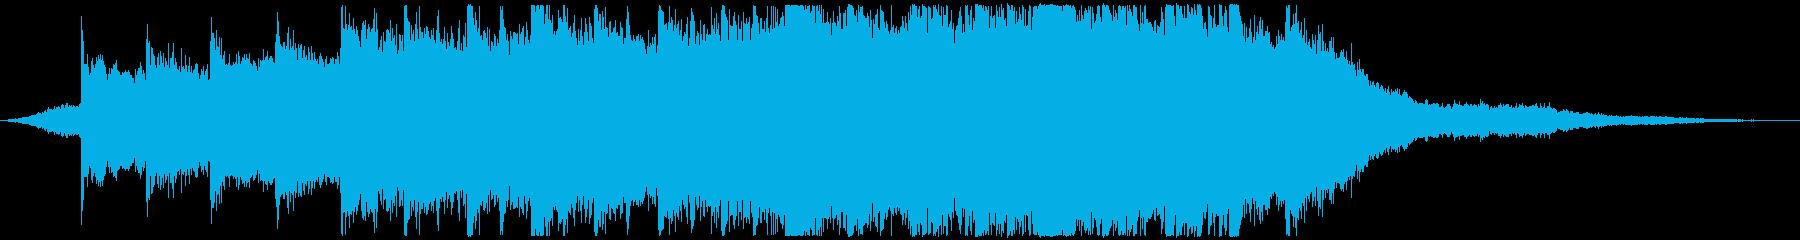 明るく感動的なロックの再生済みの波形